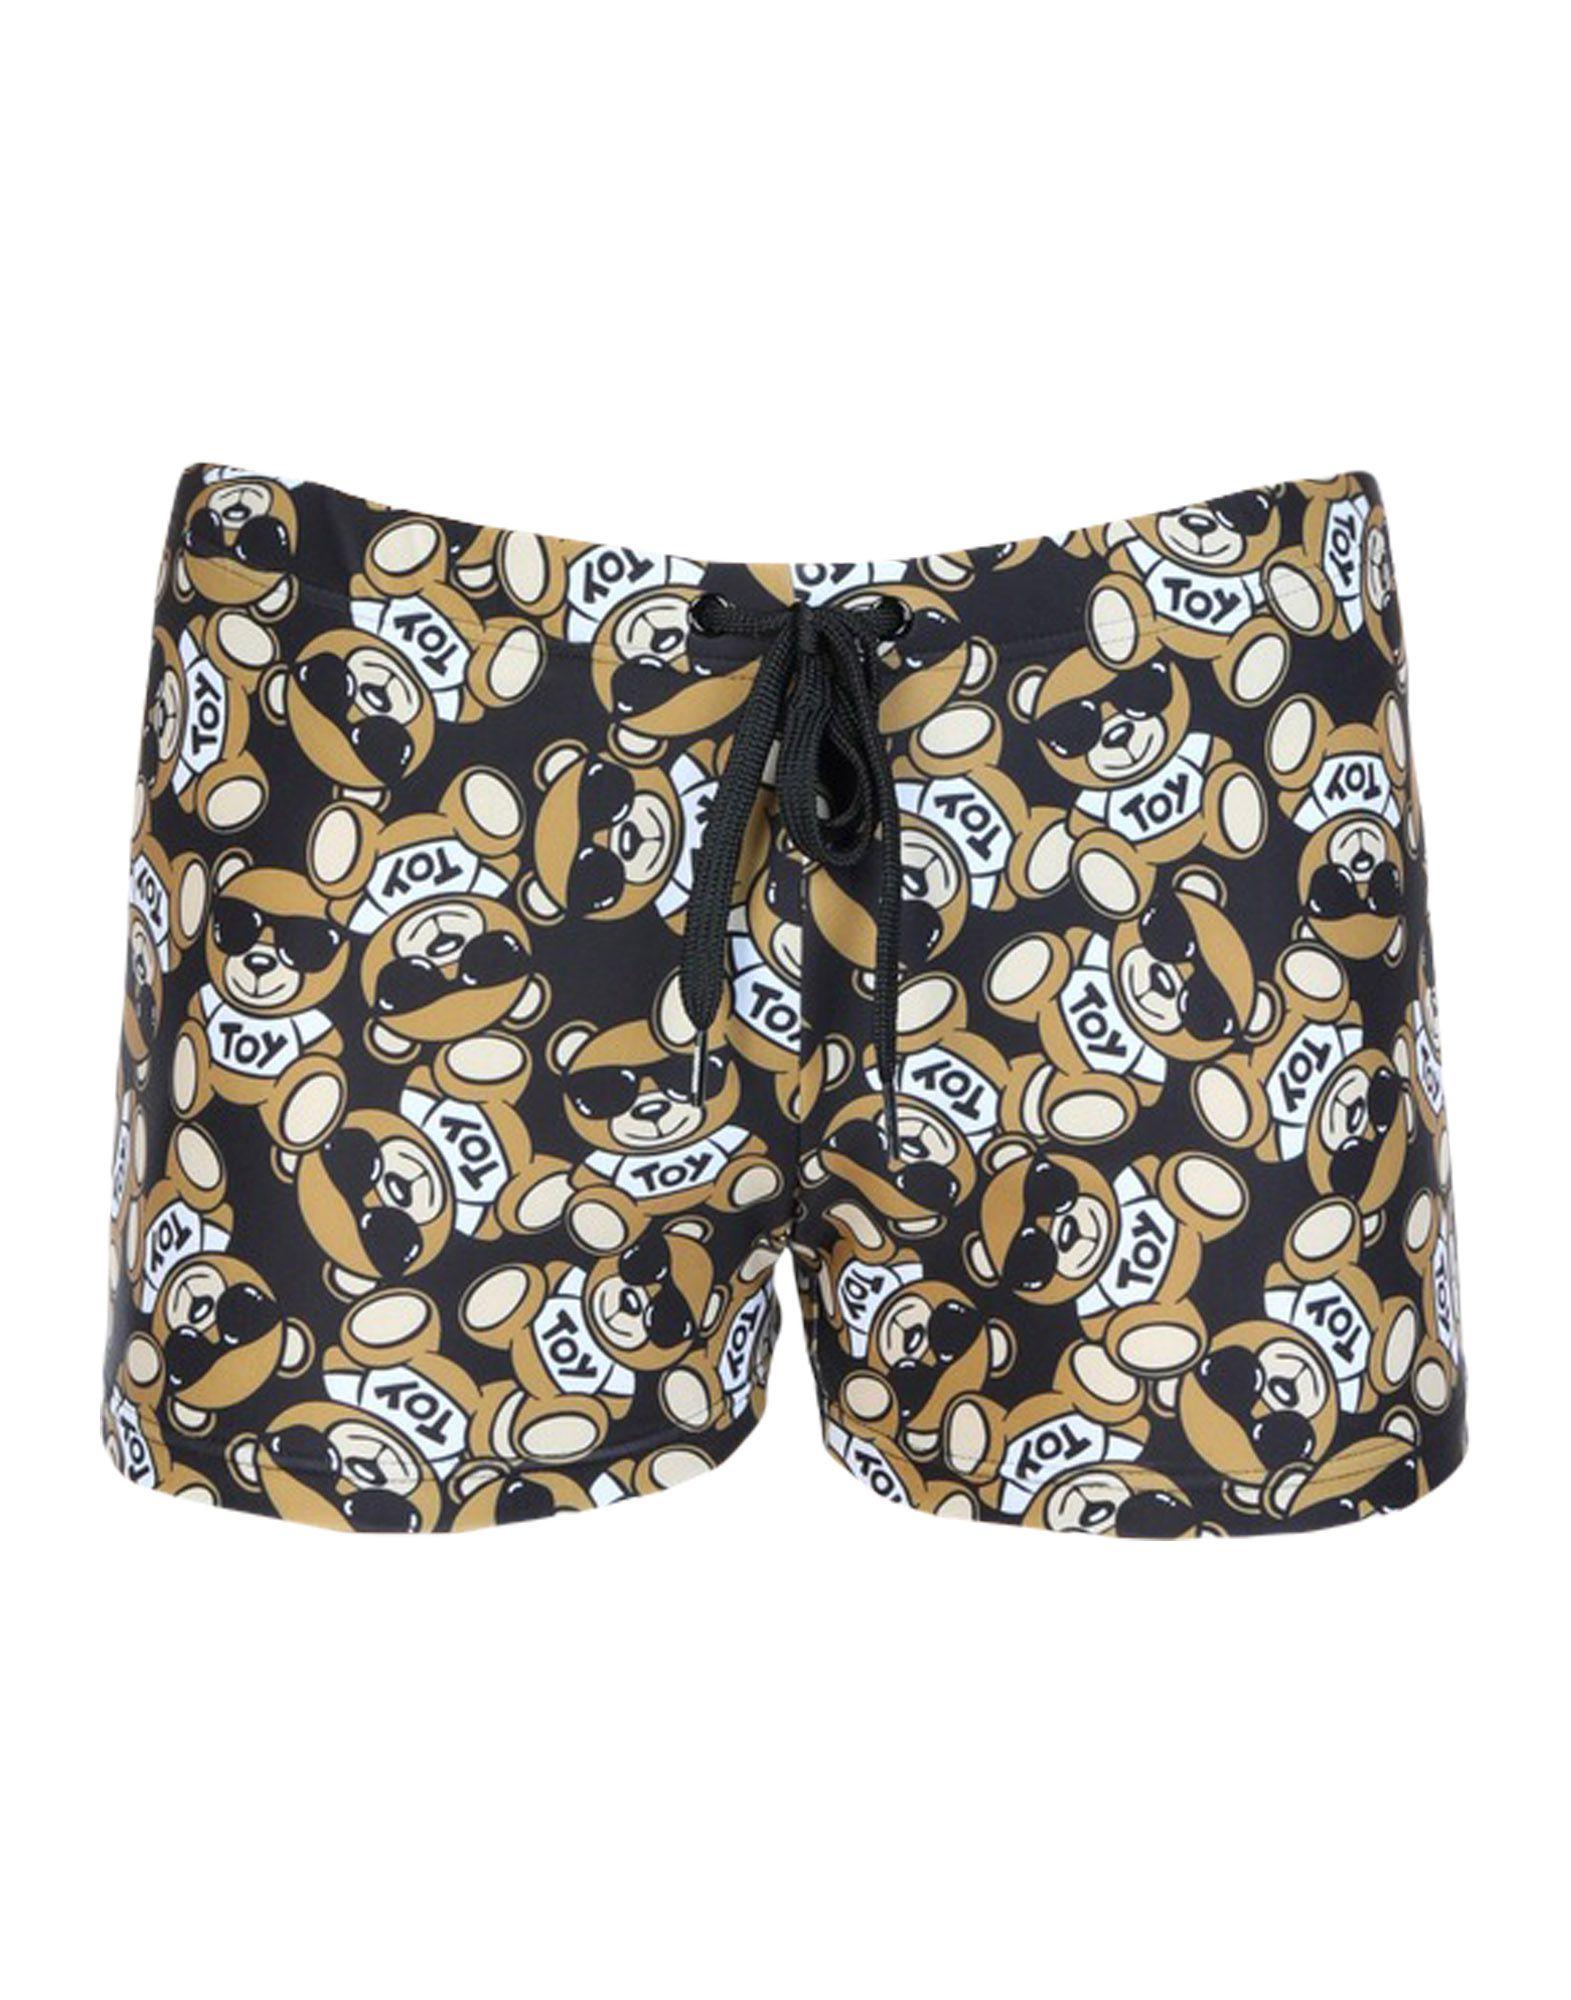 Costumi E Beachwear Uomo Moschino Collezione Primavera-Estate e  Autunno-Inverno - Acquista online su YOOX 7a1d0af62c8